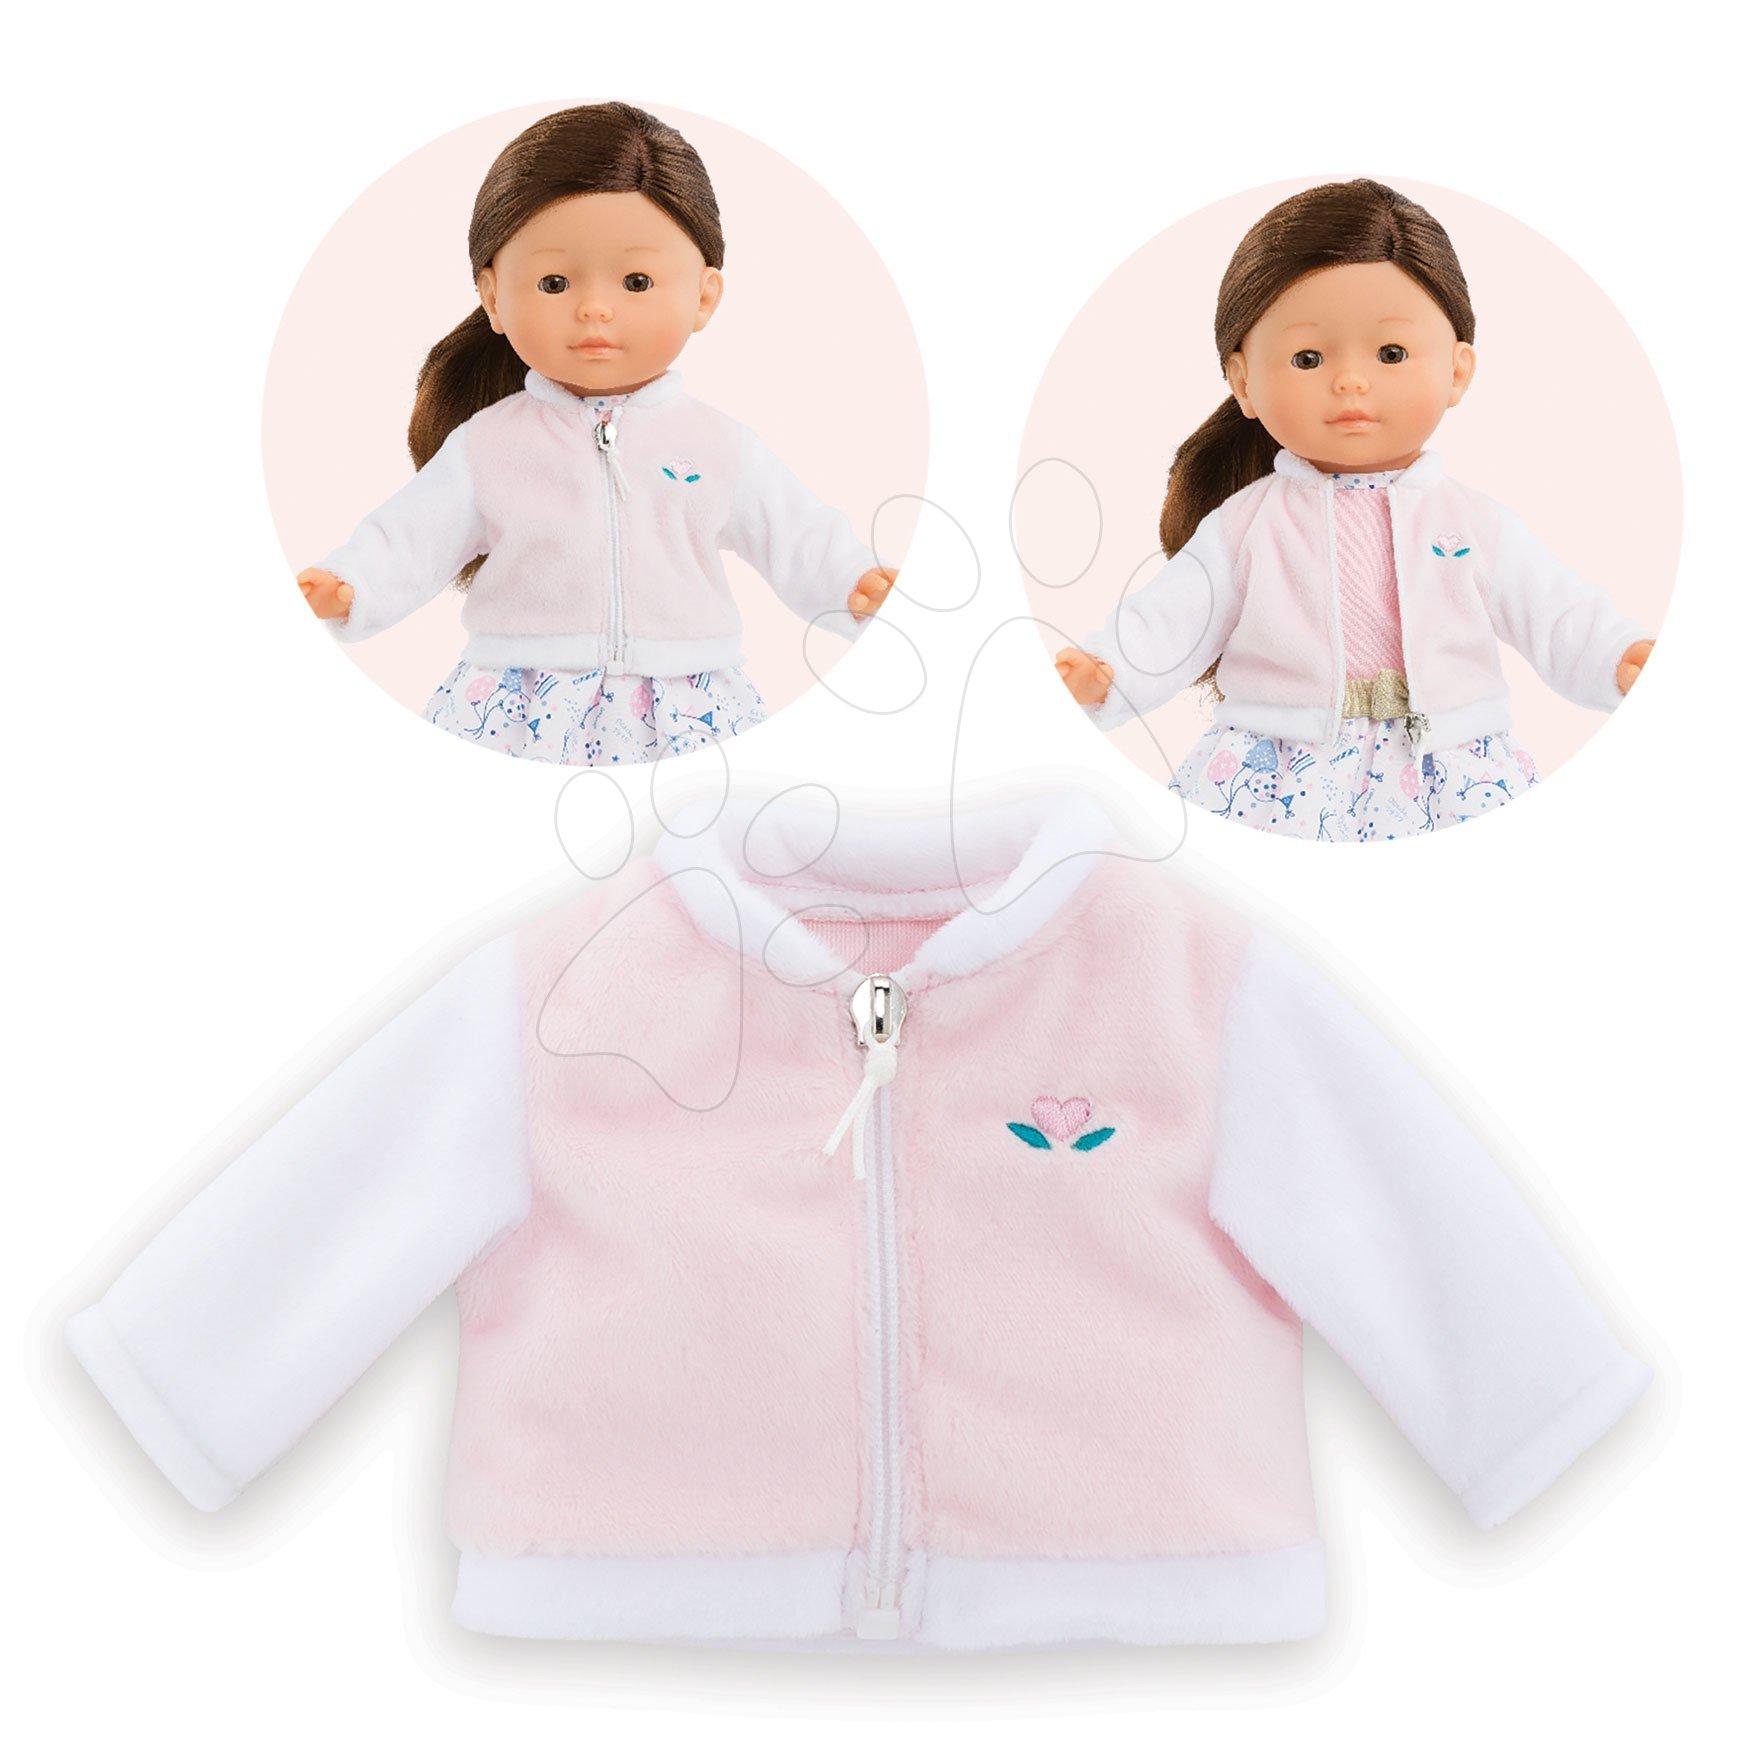 Oblečenie Jacket 2 Tones 40 years Ma Corolle pre 36 cm bábiku od 4 rokov